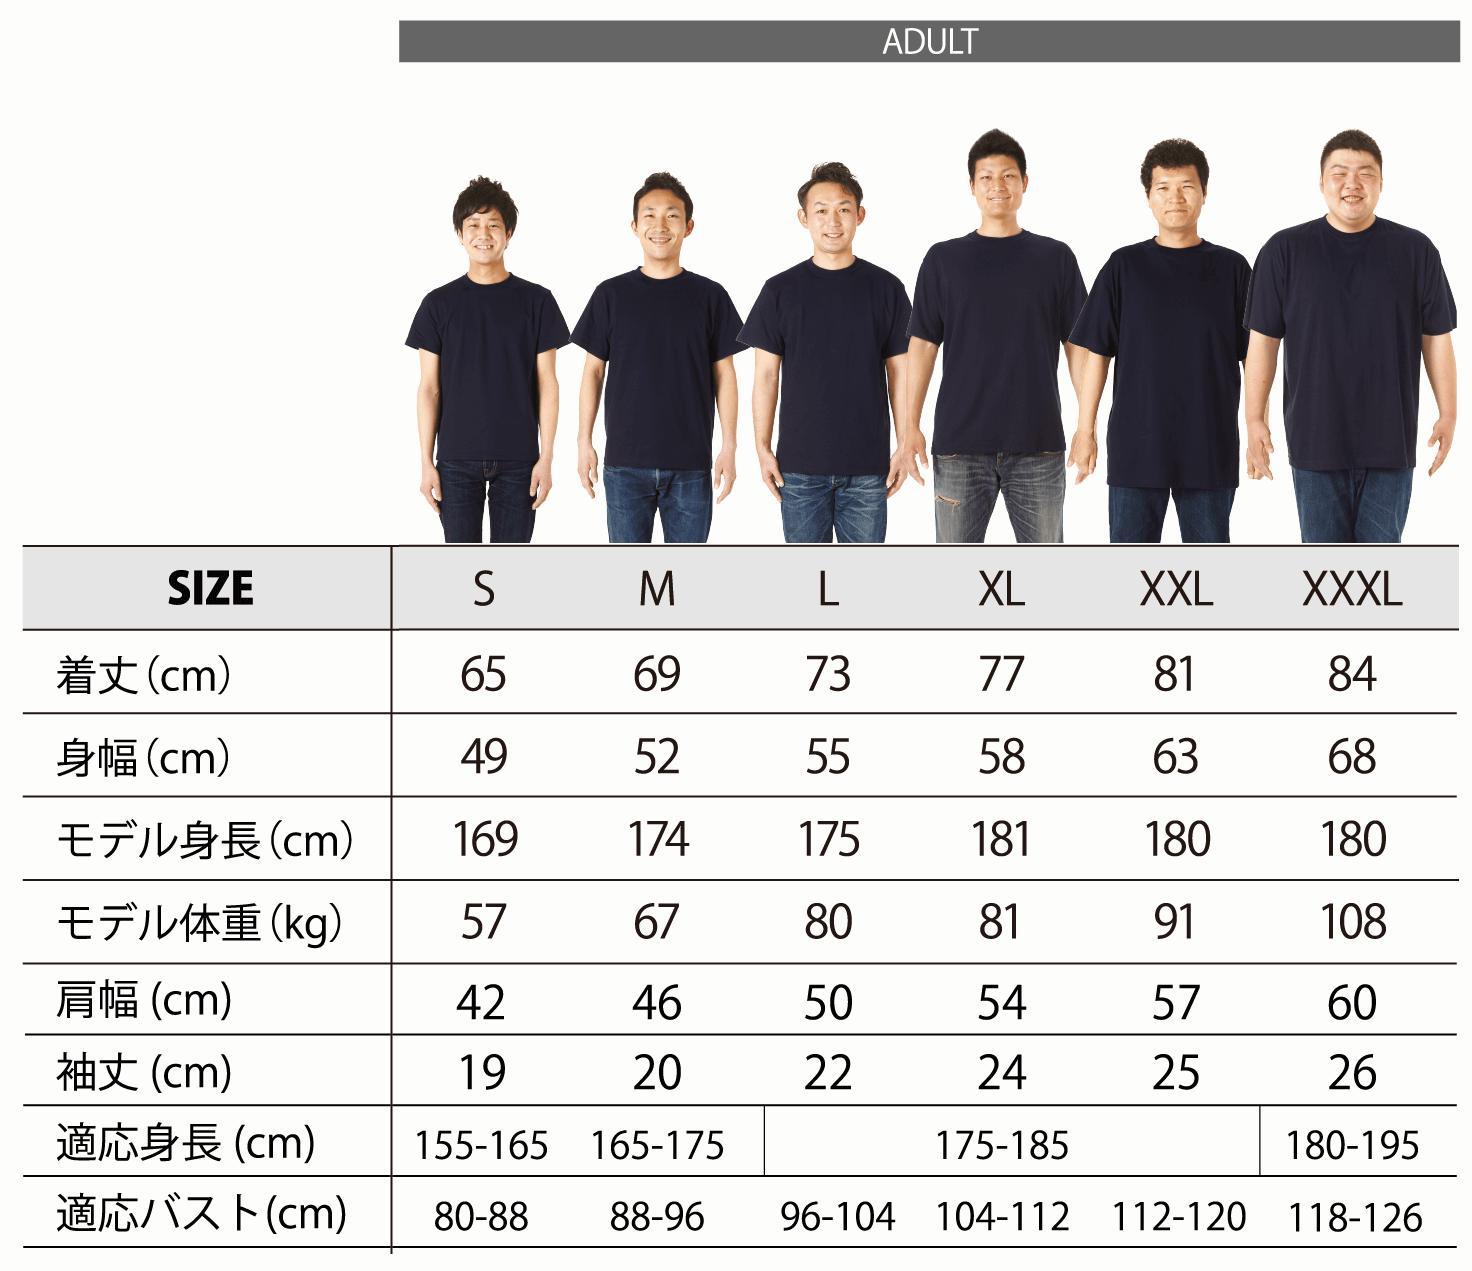 男性用シルエット詳細